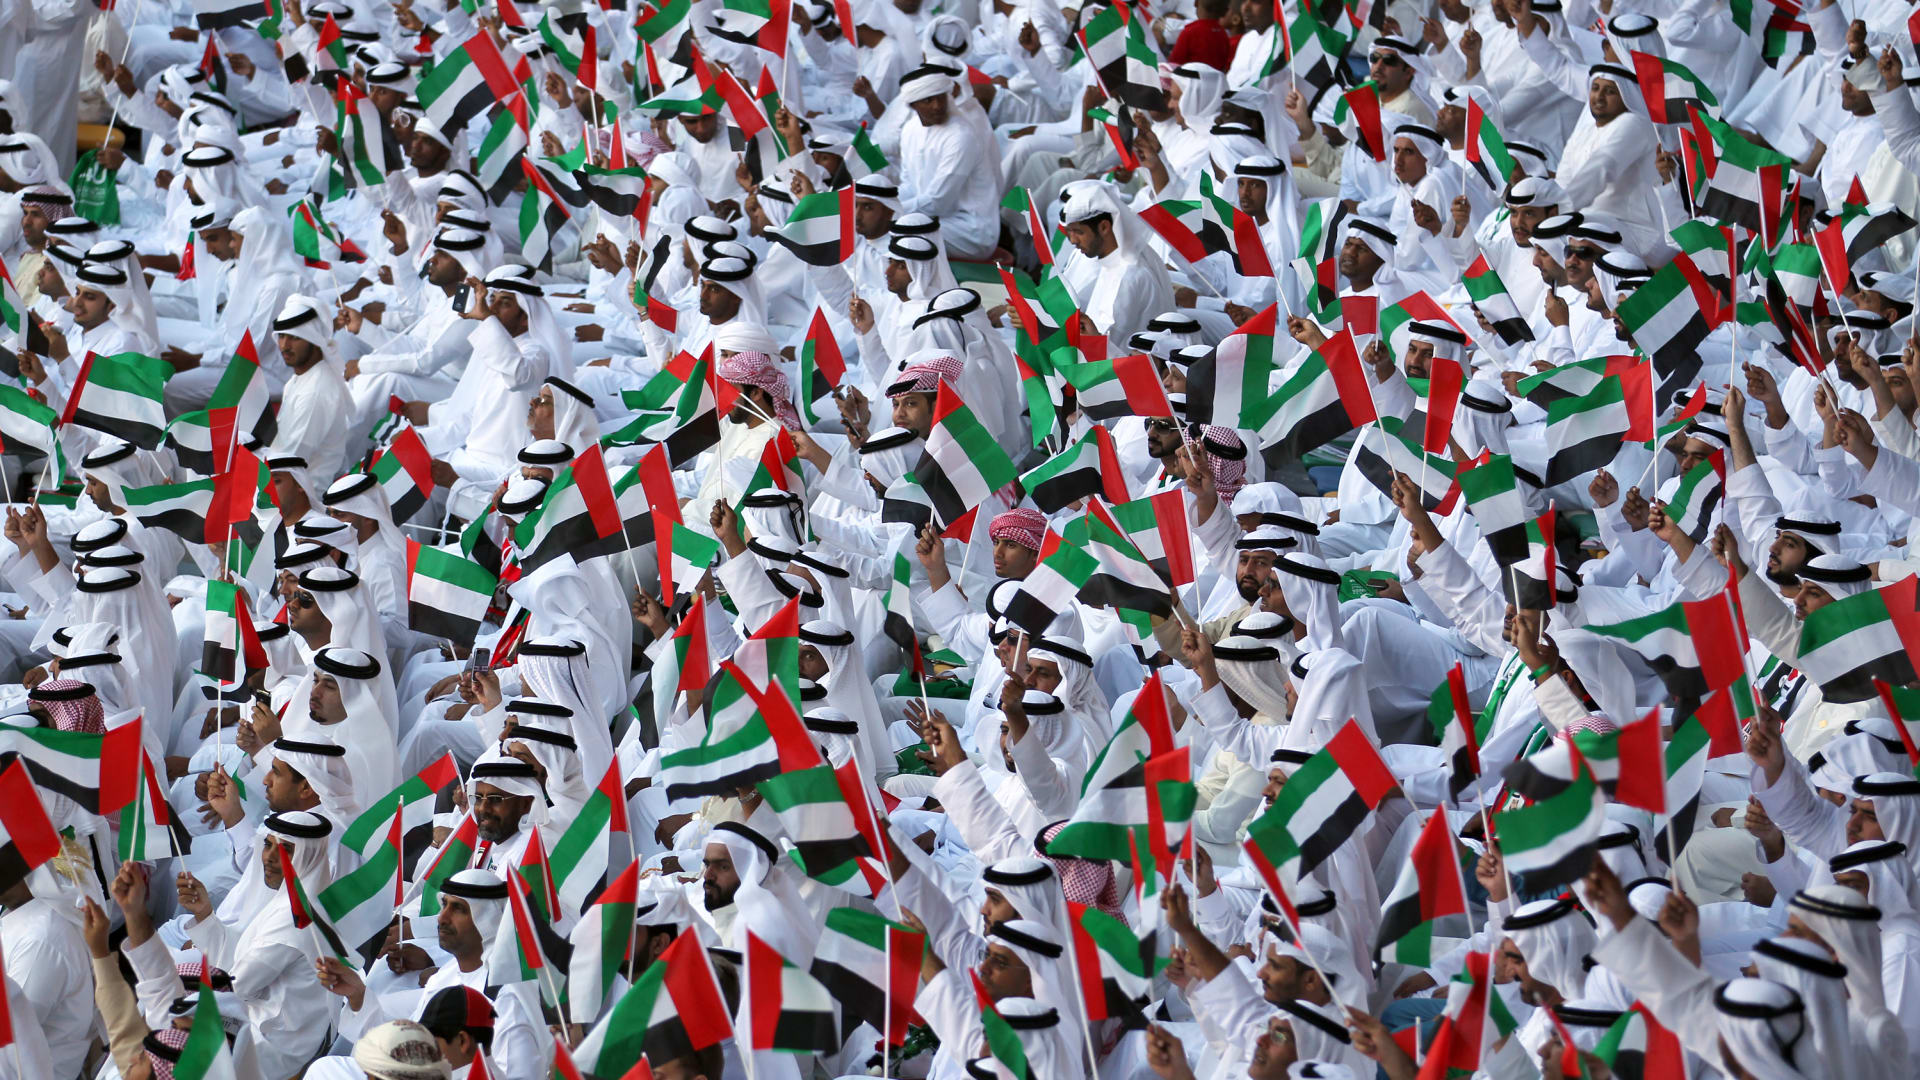 نصيب المواطن الإماراتي من الناتج المحلي يرتفع لهذا الرقم